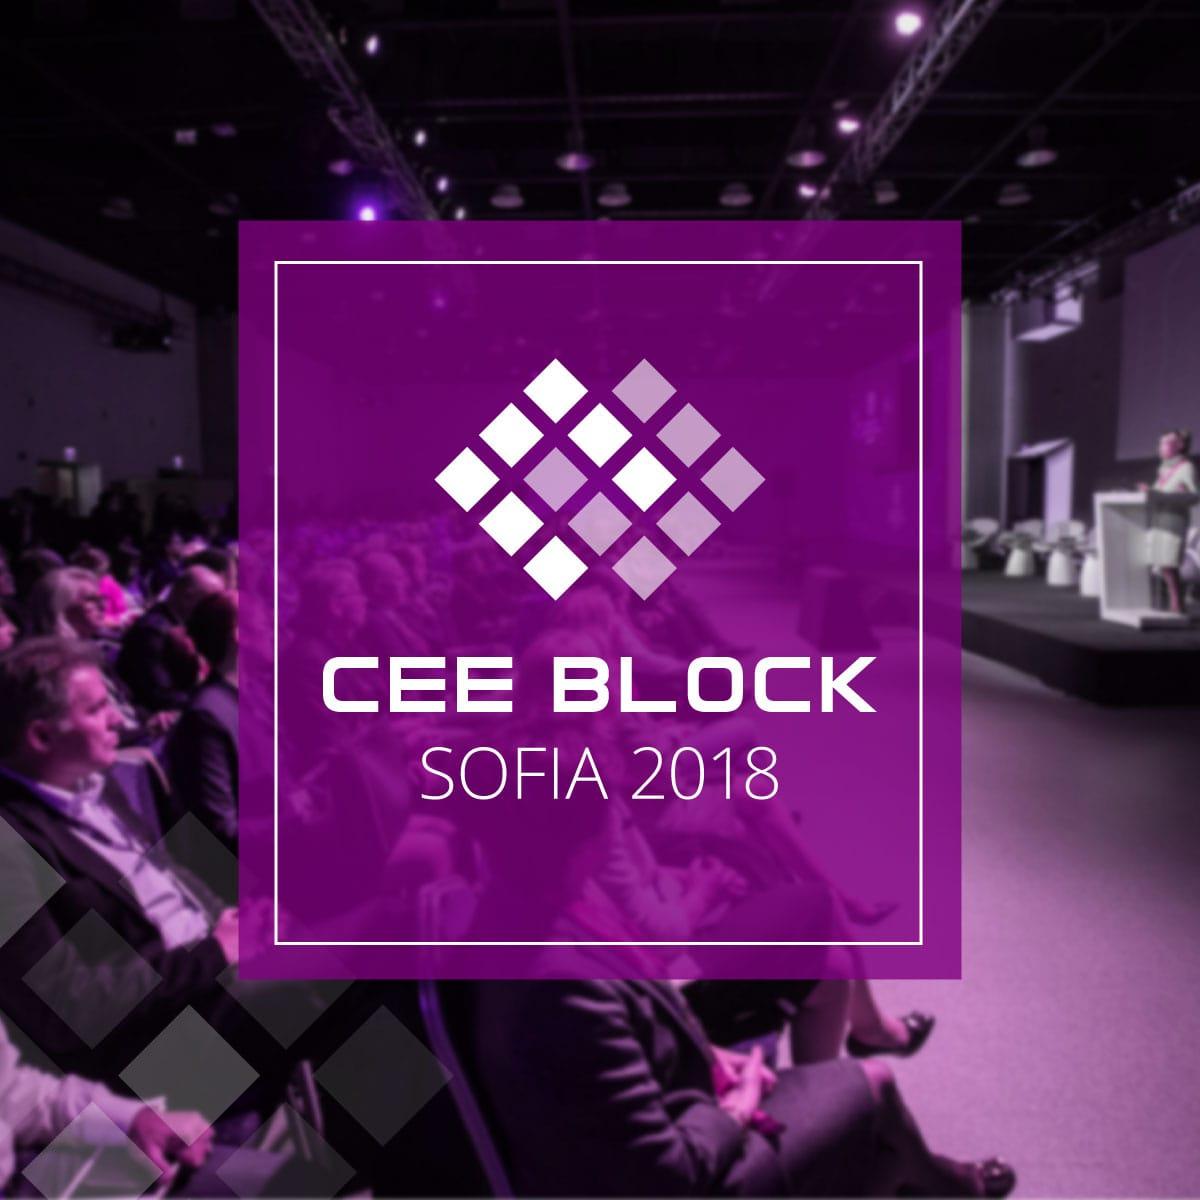 Най-големият блокчейн форум в Европа събира на едно място топ политици в София